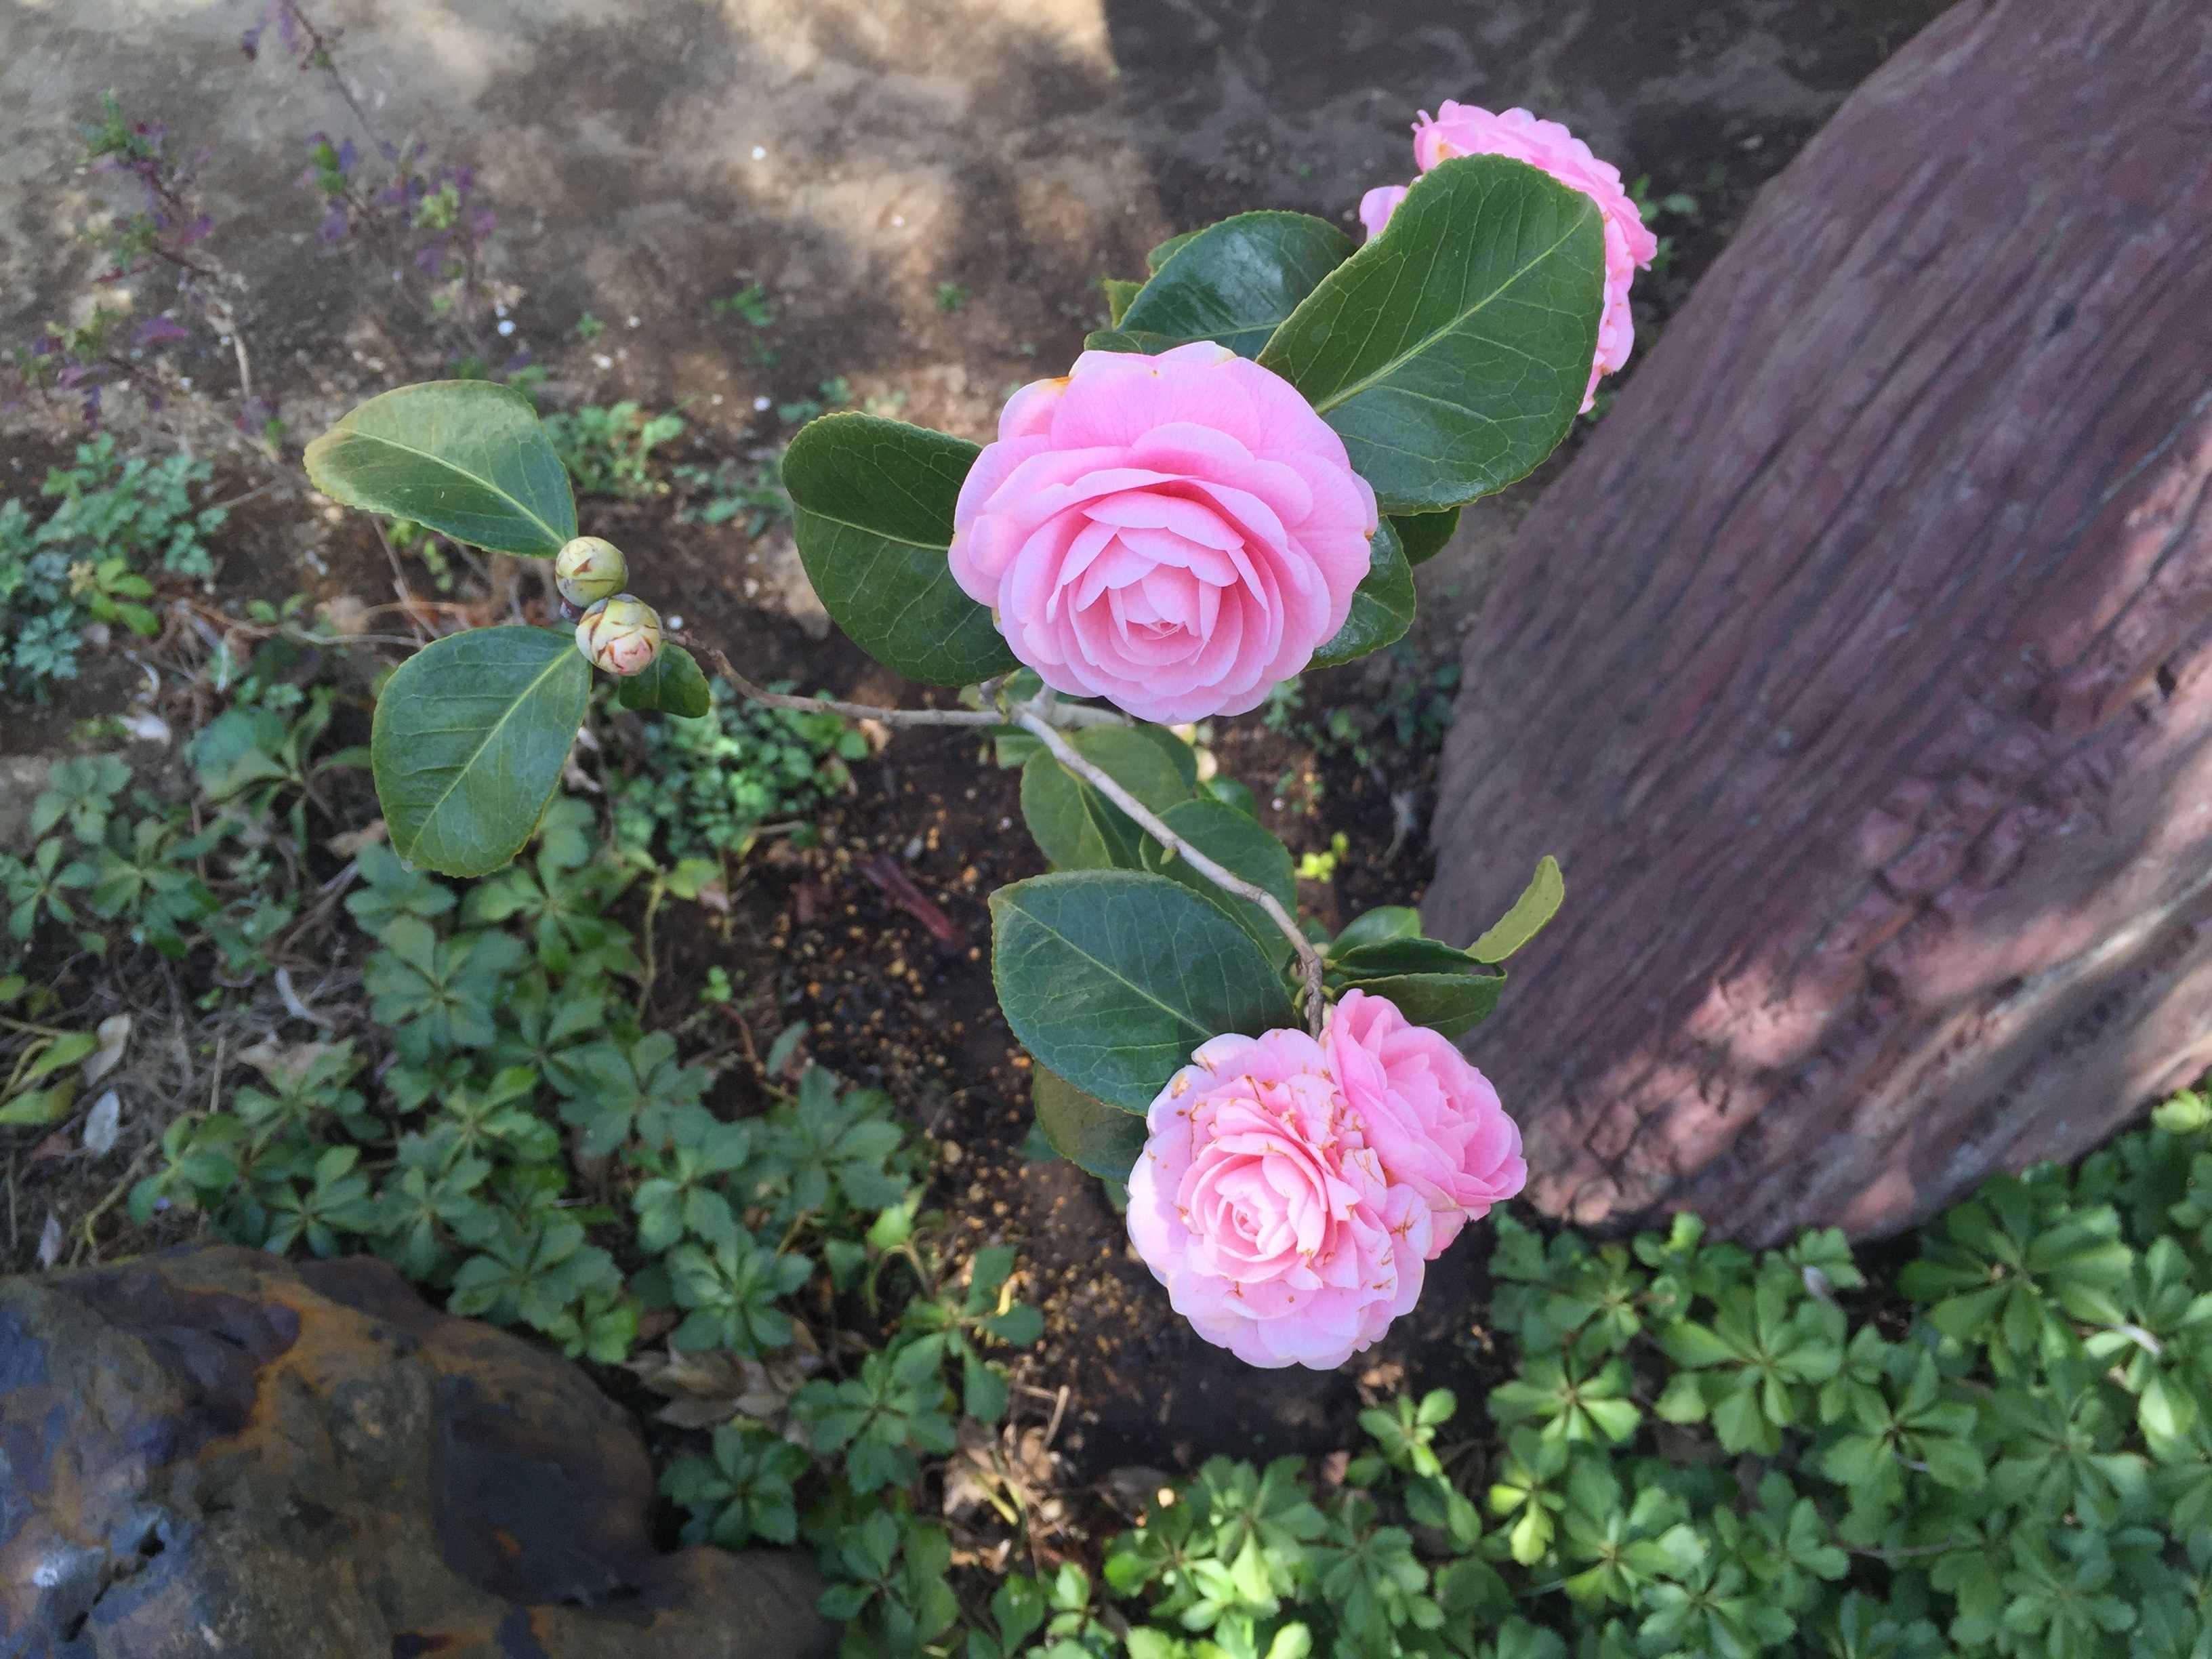 乙女椿(オトメツバキ)の花びら